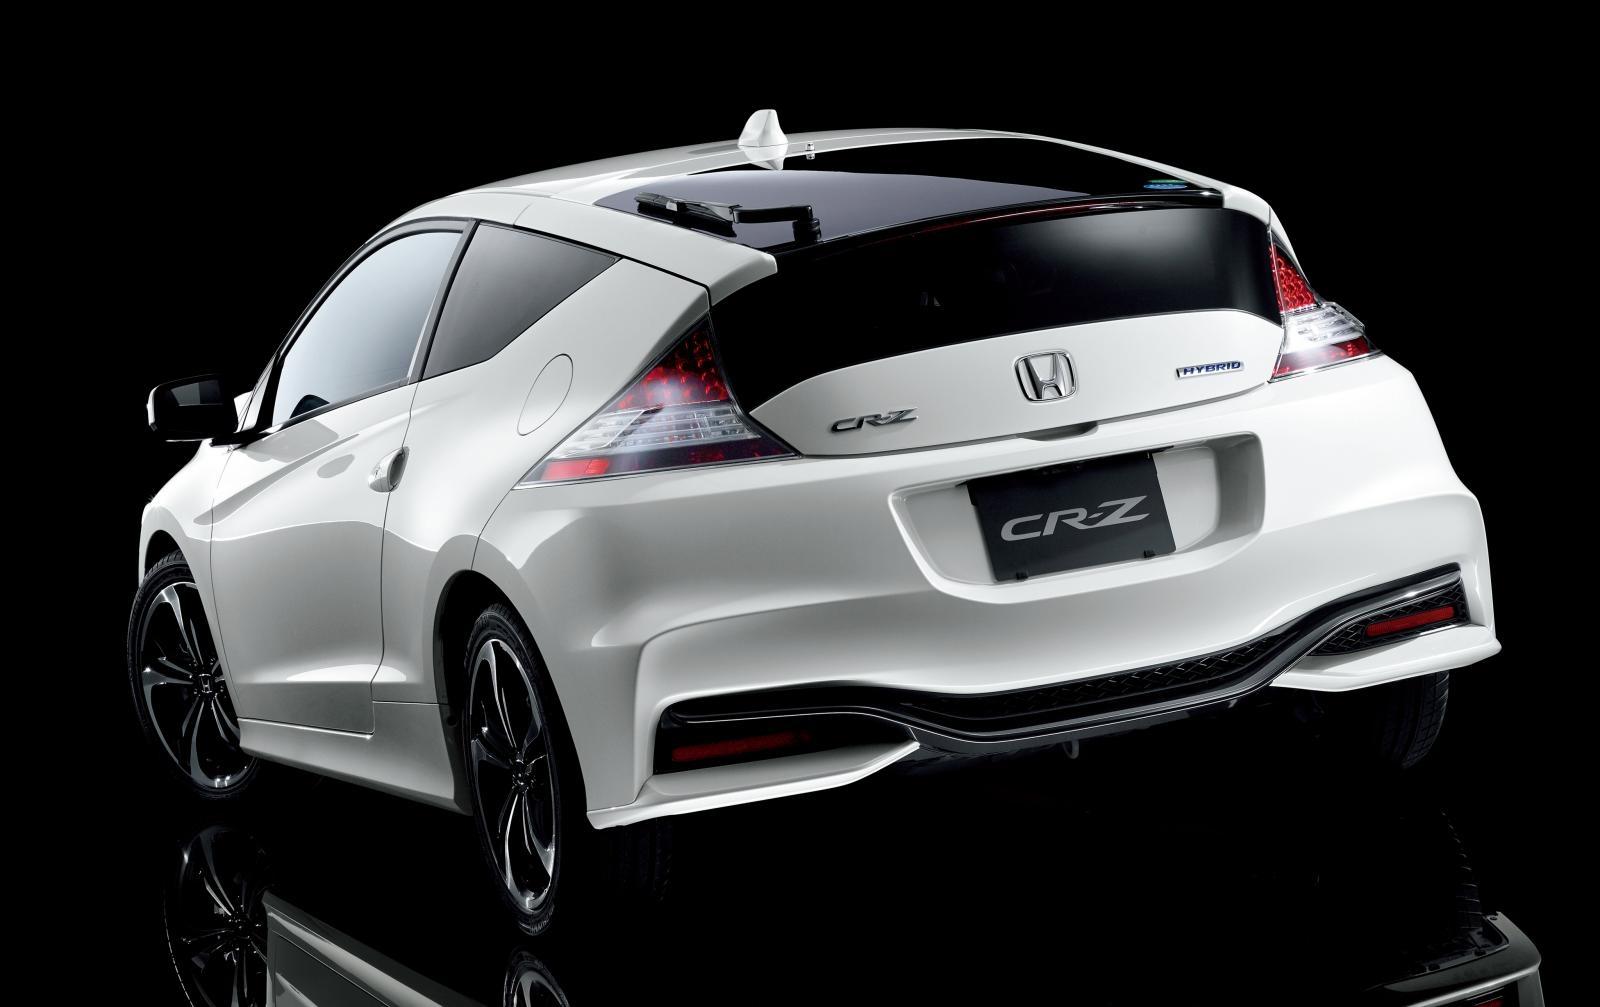 [Image: S0-Honda-officialise-le-restylage-du-CR-Z-360066.jpg]